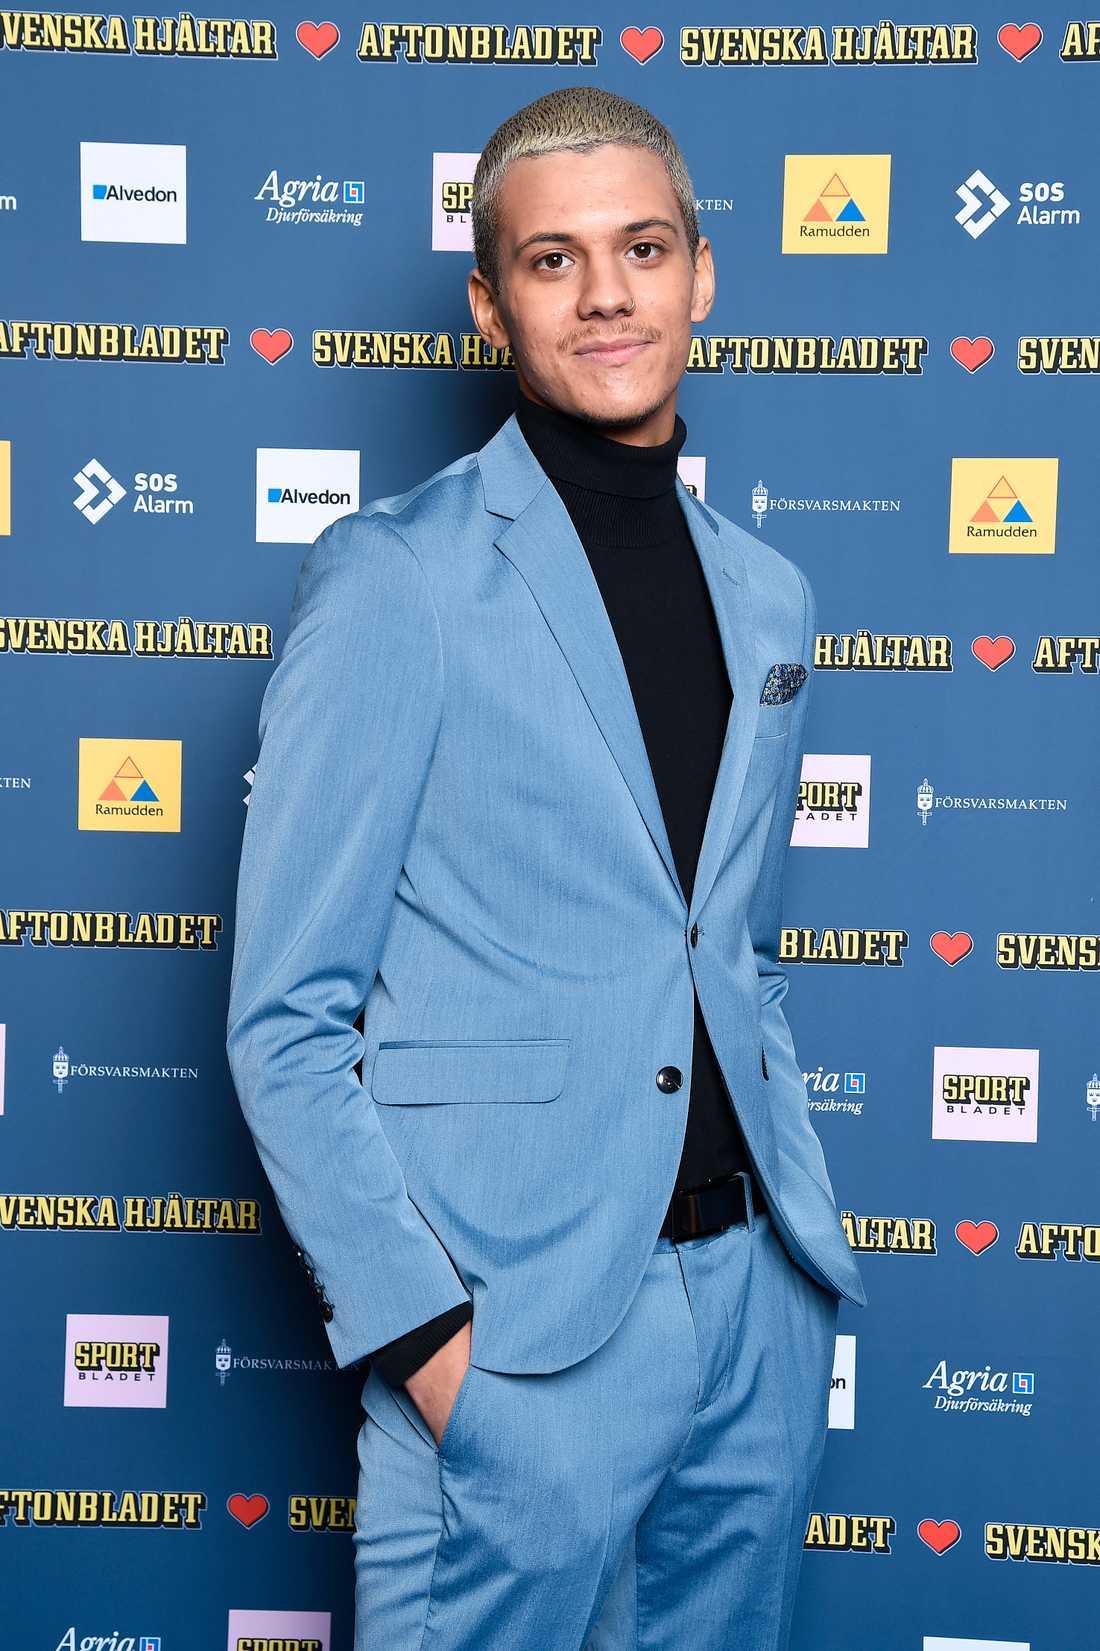 Willam Strid från Idol 2018 var bäst klädd av männen, enligt Aftonbladets modeexpert Jenny Alexandersson.